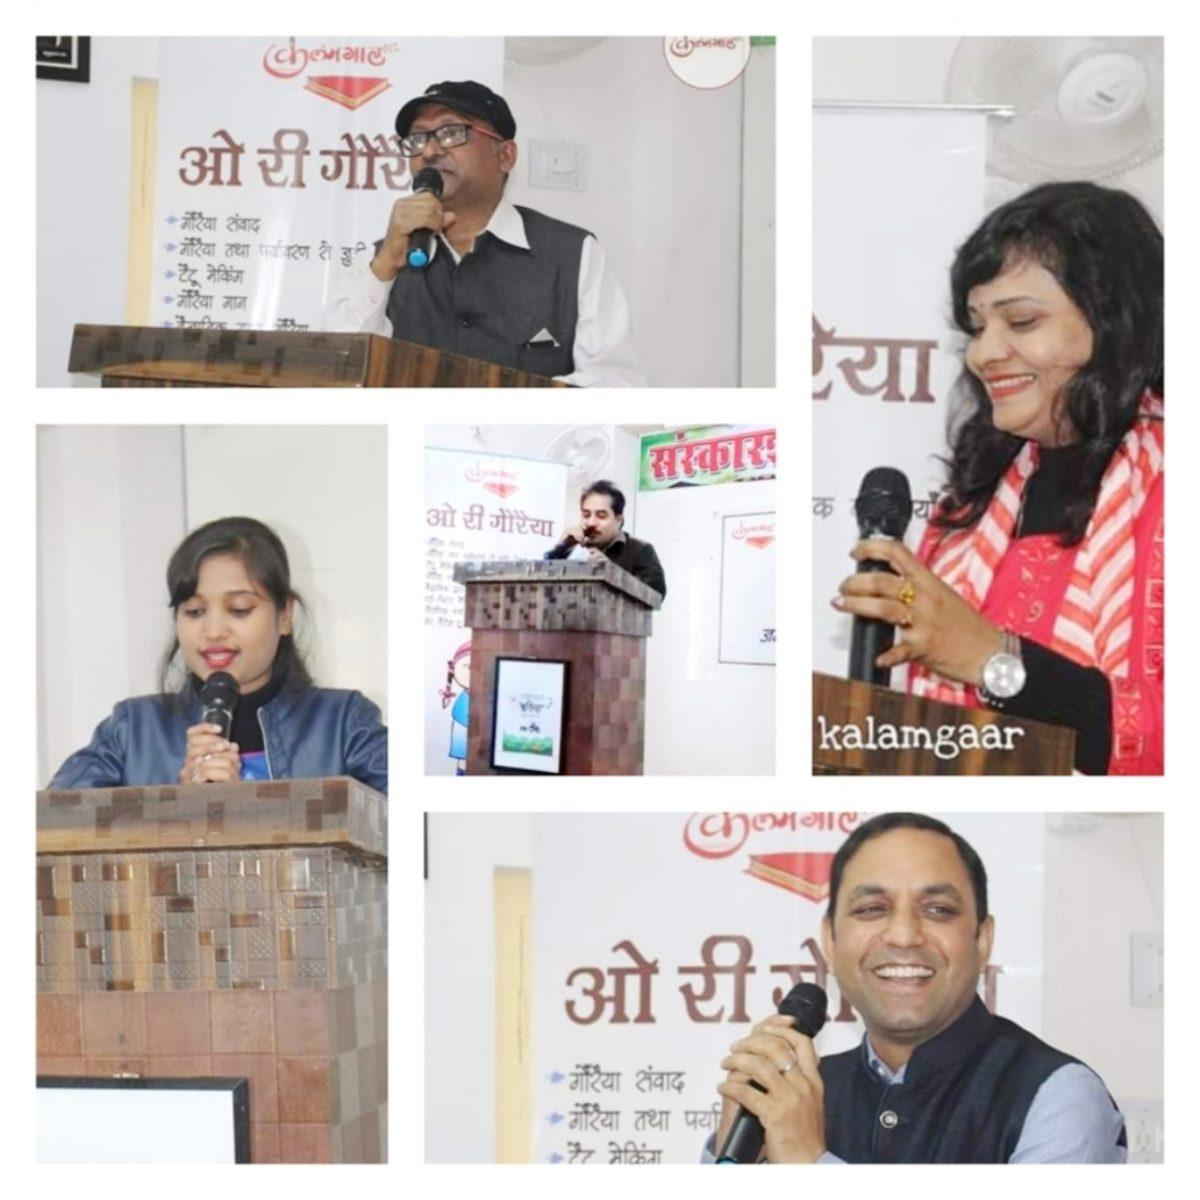 """कलमगार ने आयोजित किया काव्य-सरिता """"ओ री गौरैया"""""""